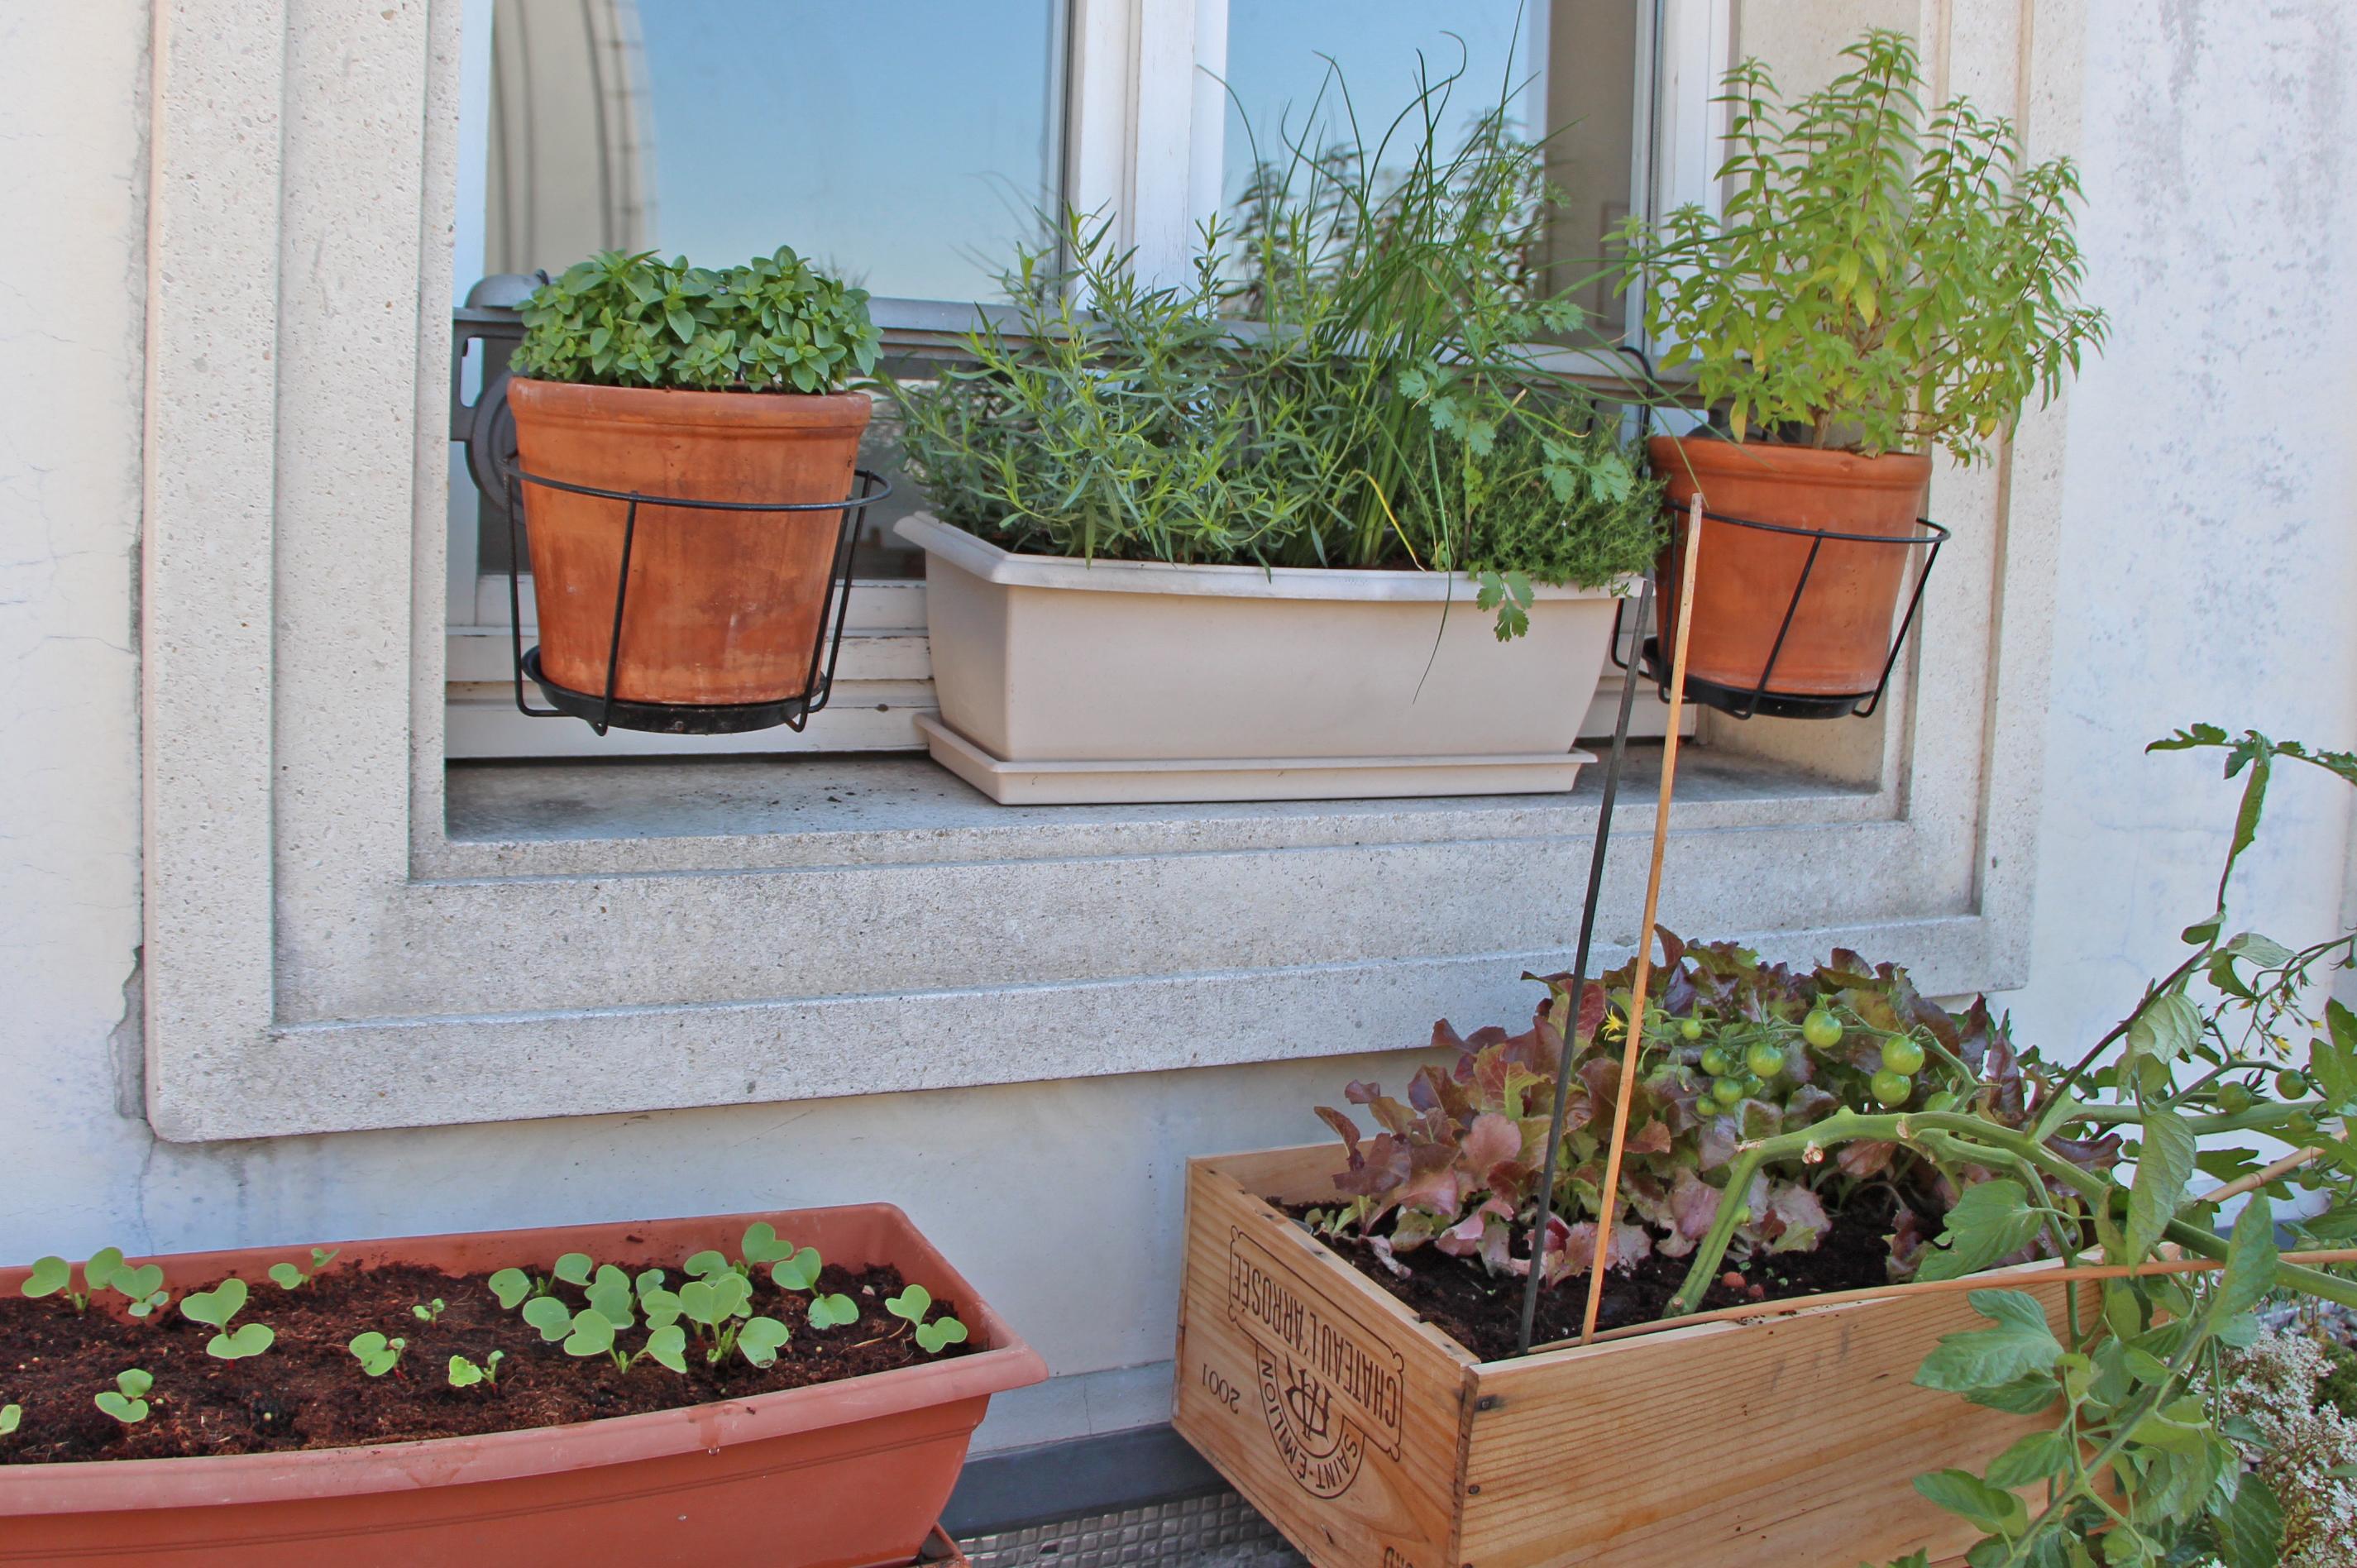 Planter Herbes Aromatiques Jardiniere des herbes au balcon : micro-agriculture urbaine à paris